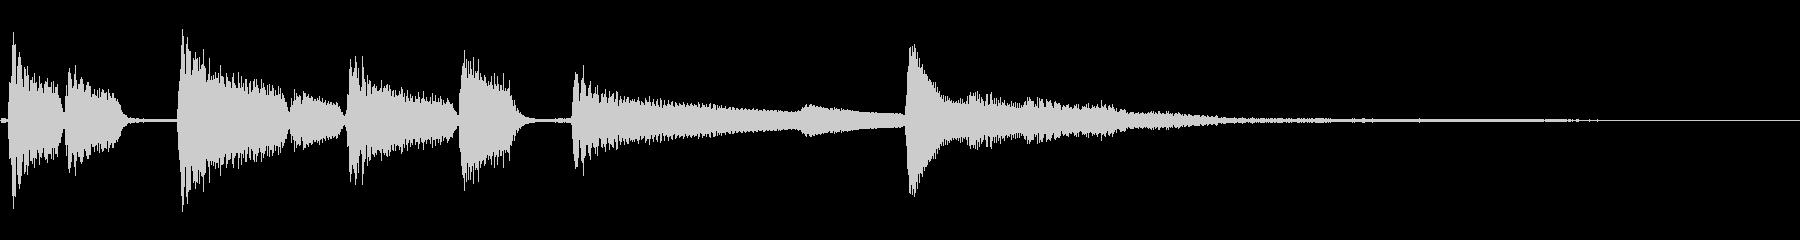 ジングル用 日常のはじまりの未再生の波形